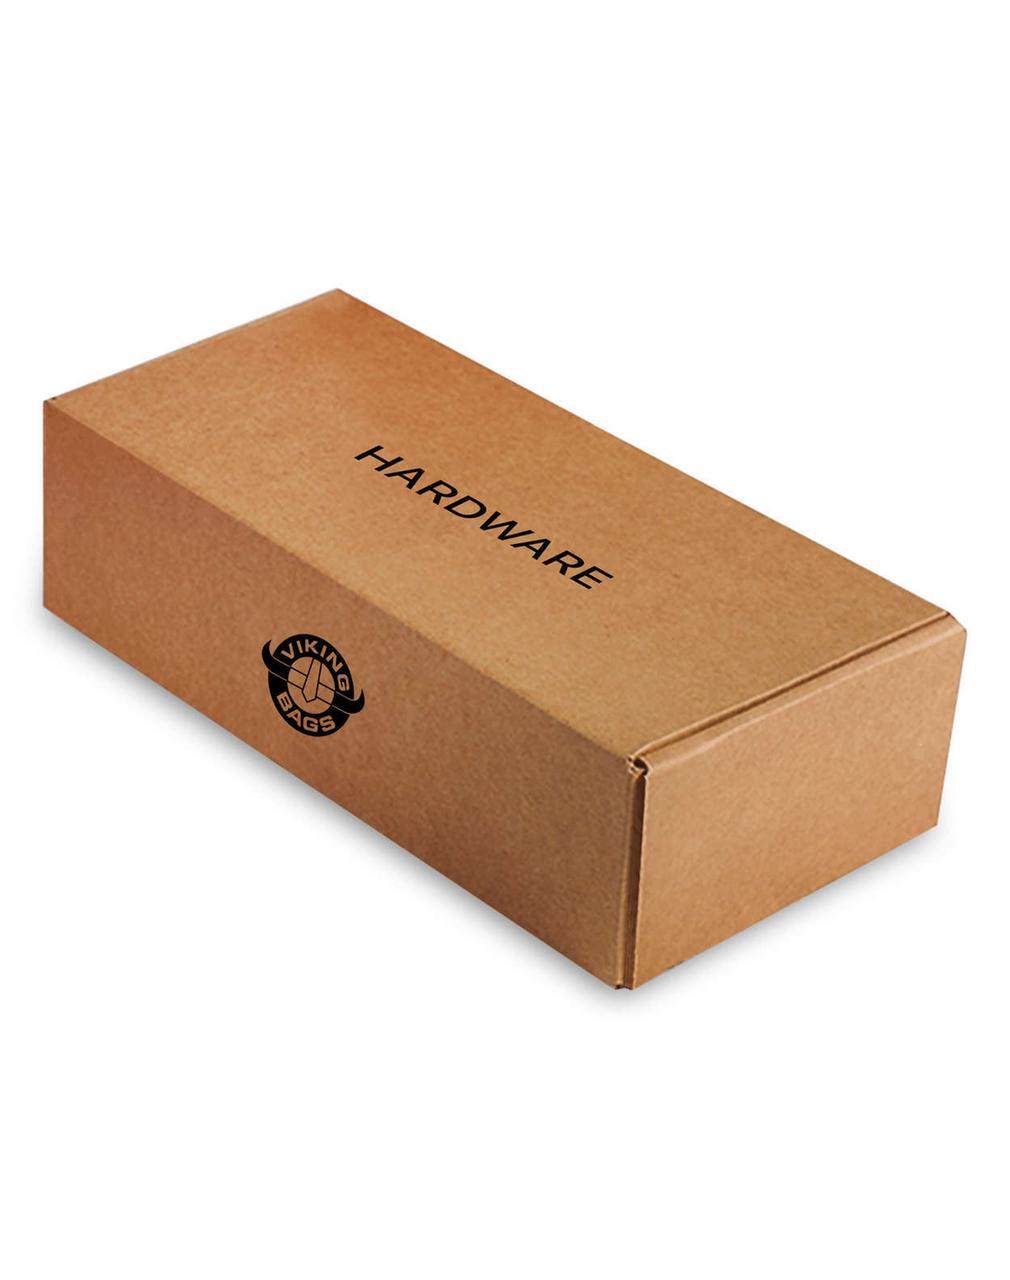 Honda Magna 750 Medium Charger Single Strap Motorcycle Saddlebags box